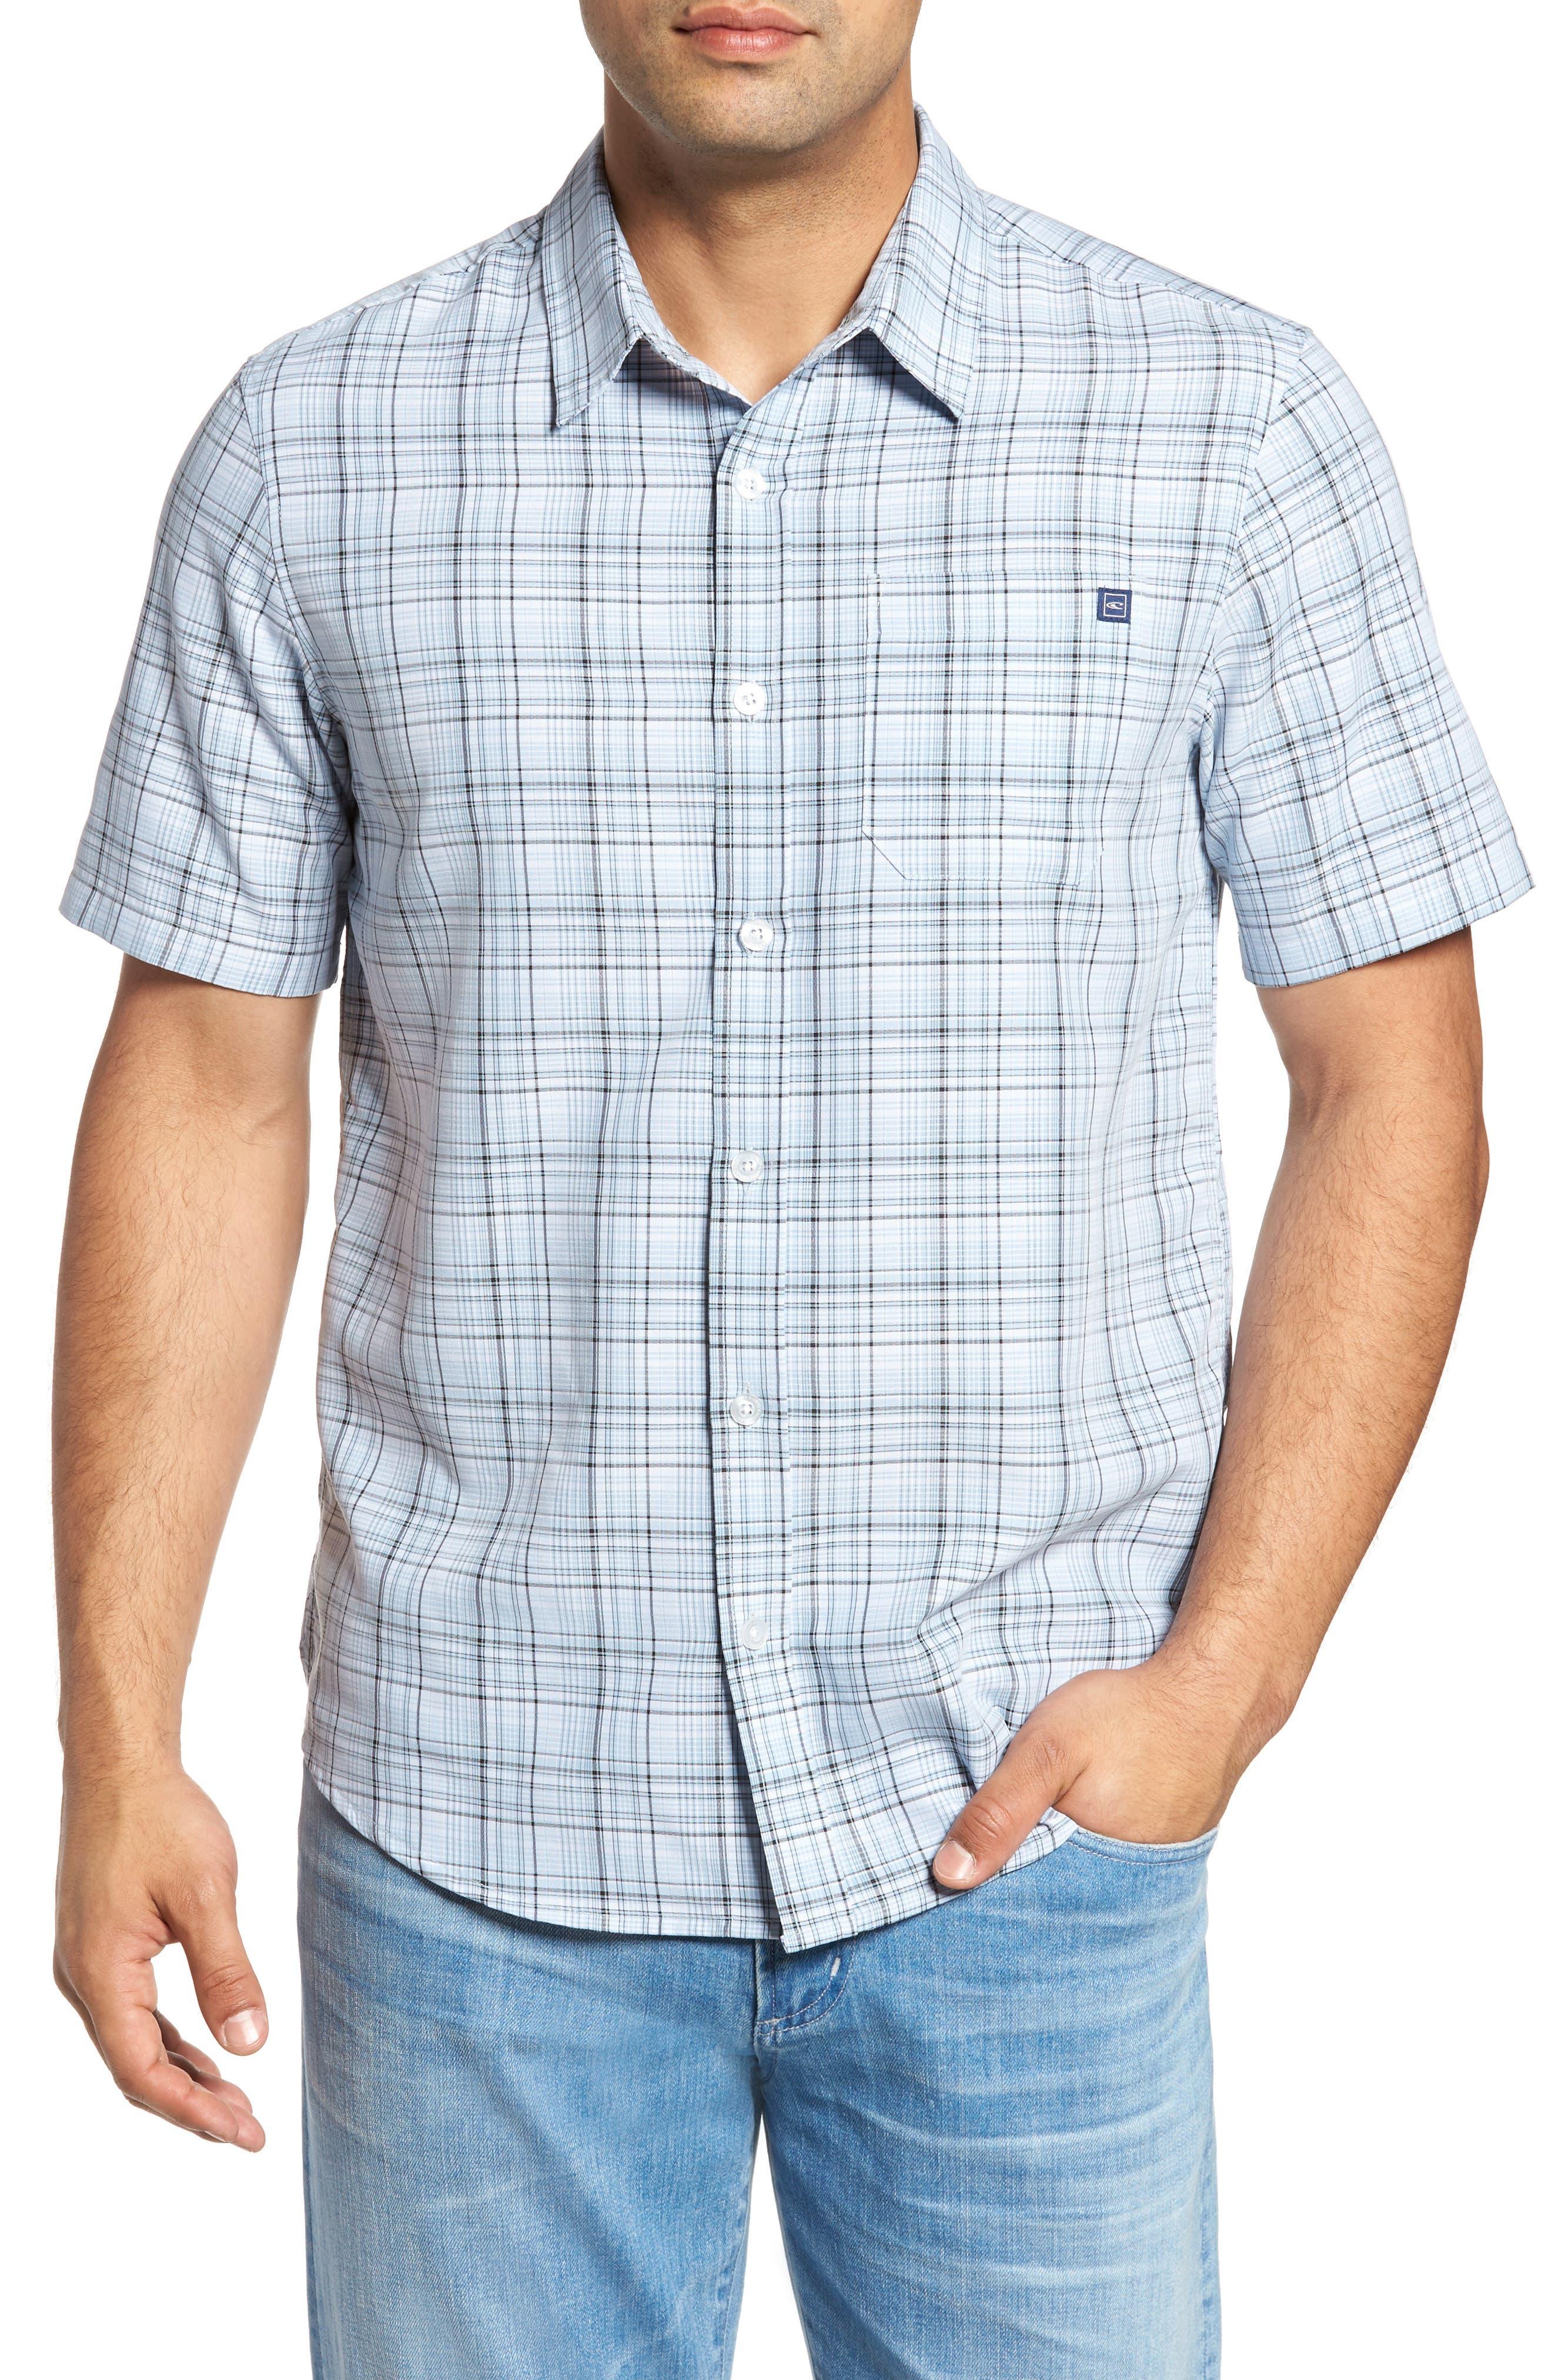 Shores Plaid Sport Shirt,                         Main,                         color, 400